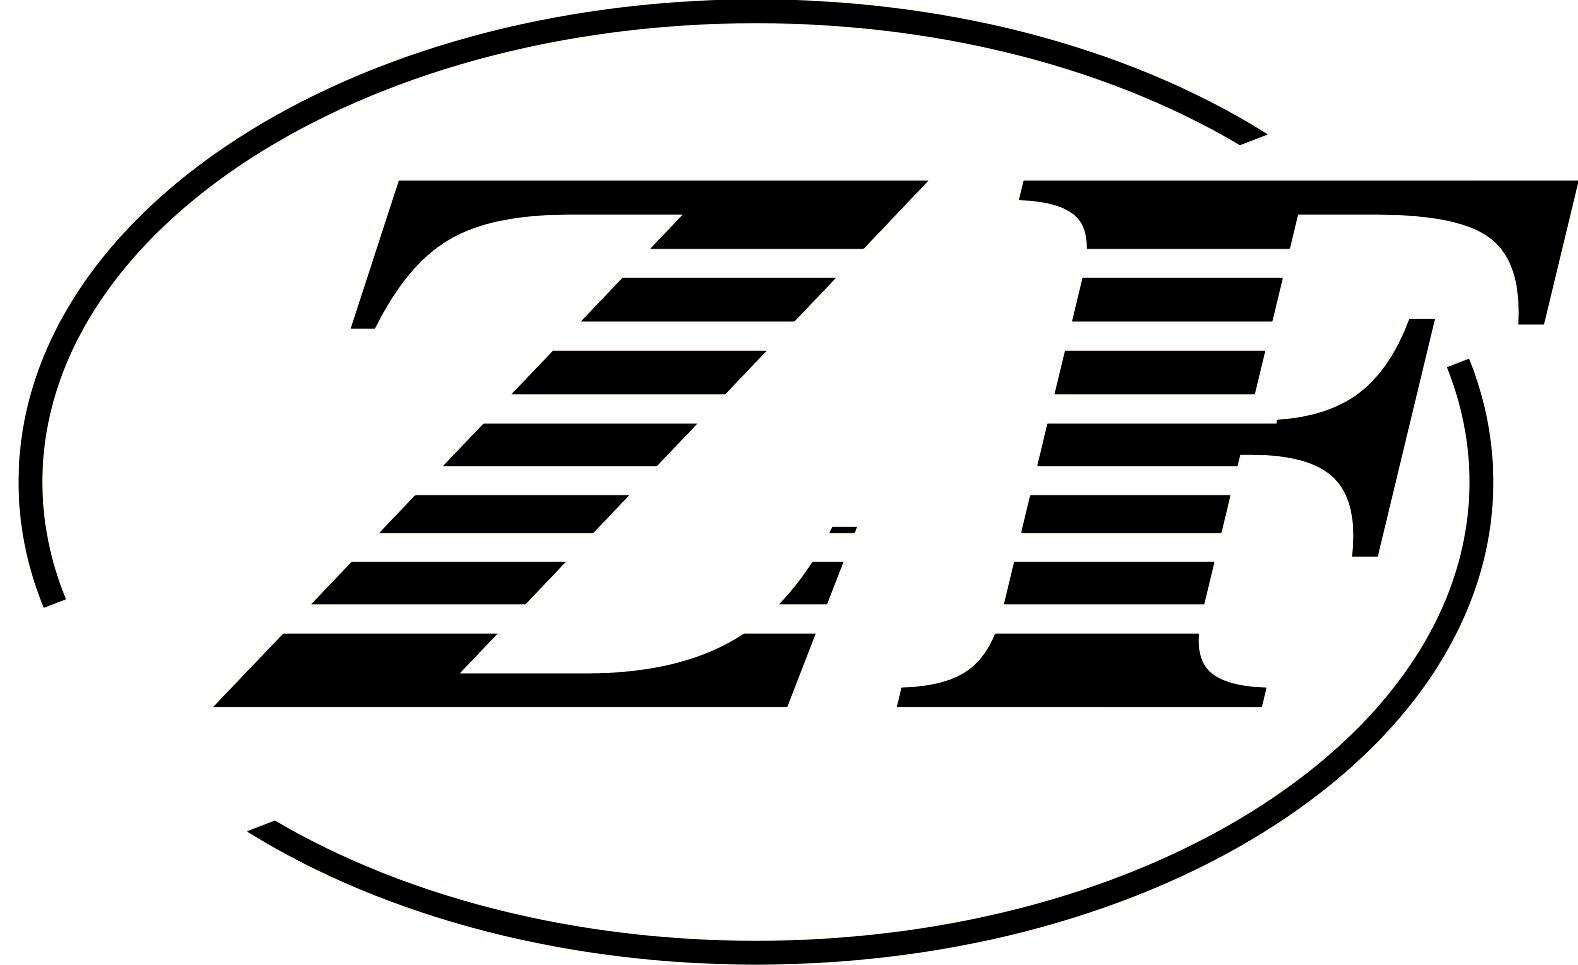 联合汽车电子logo